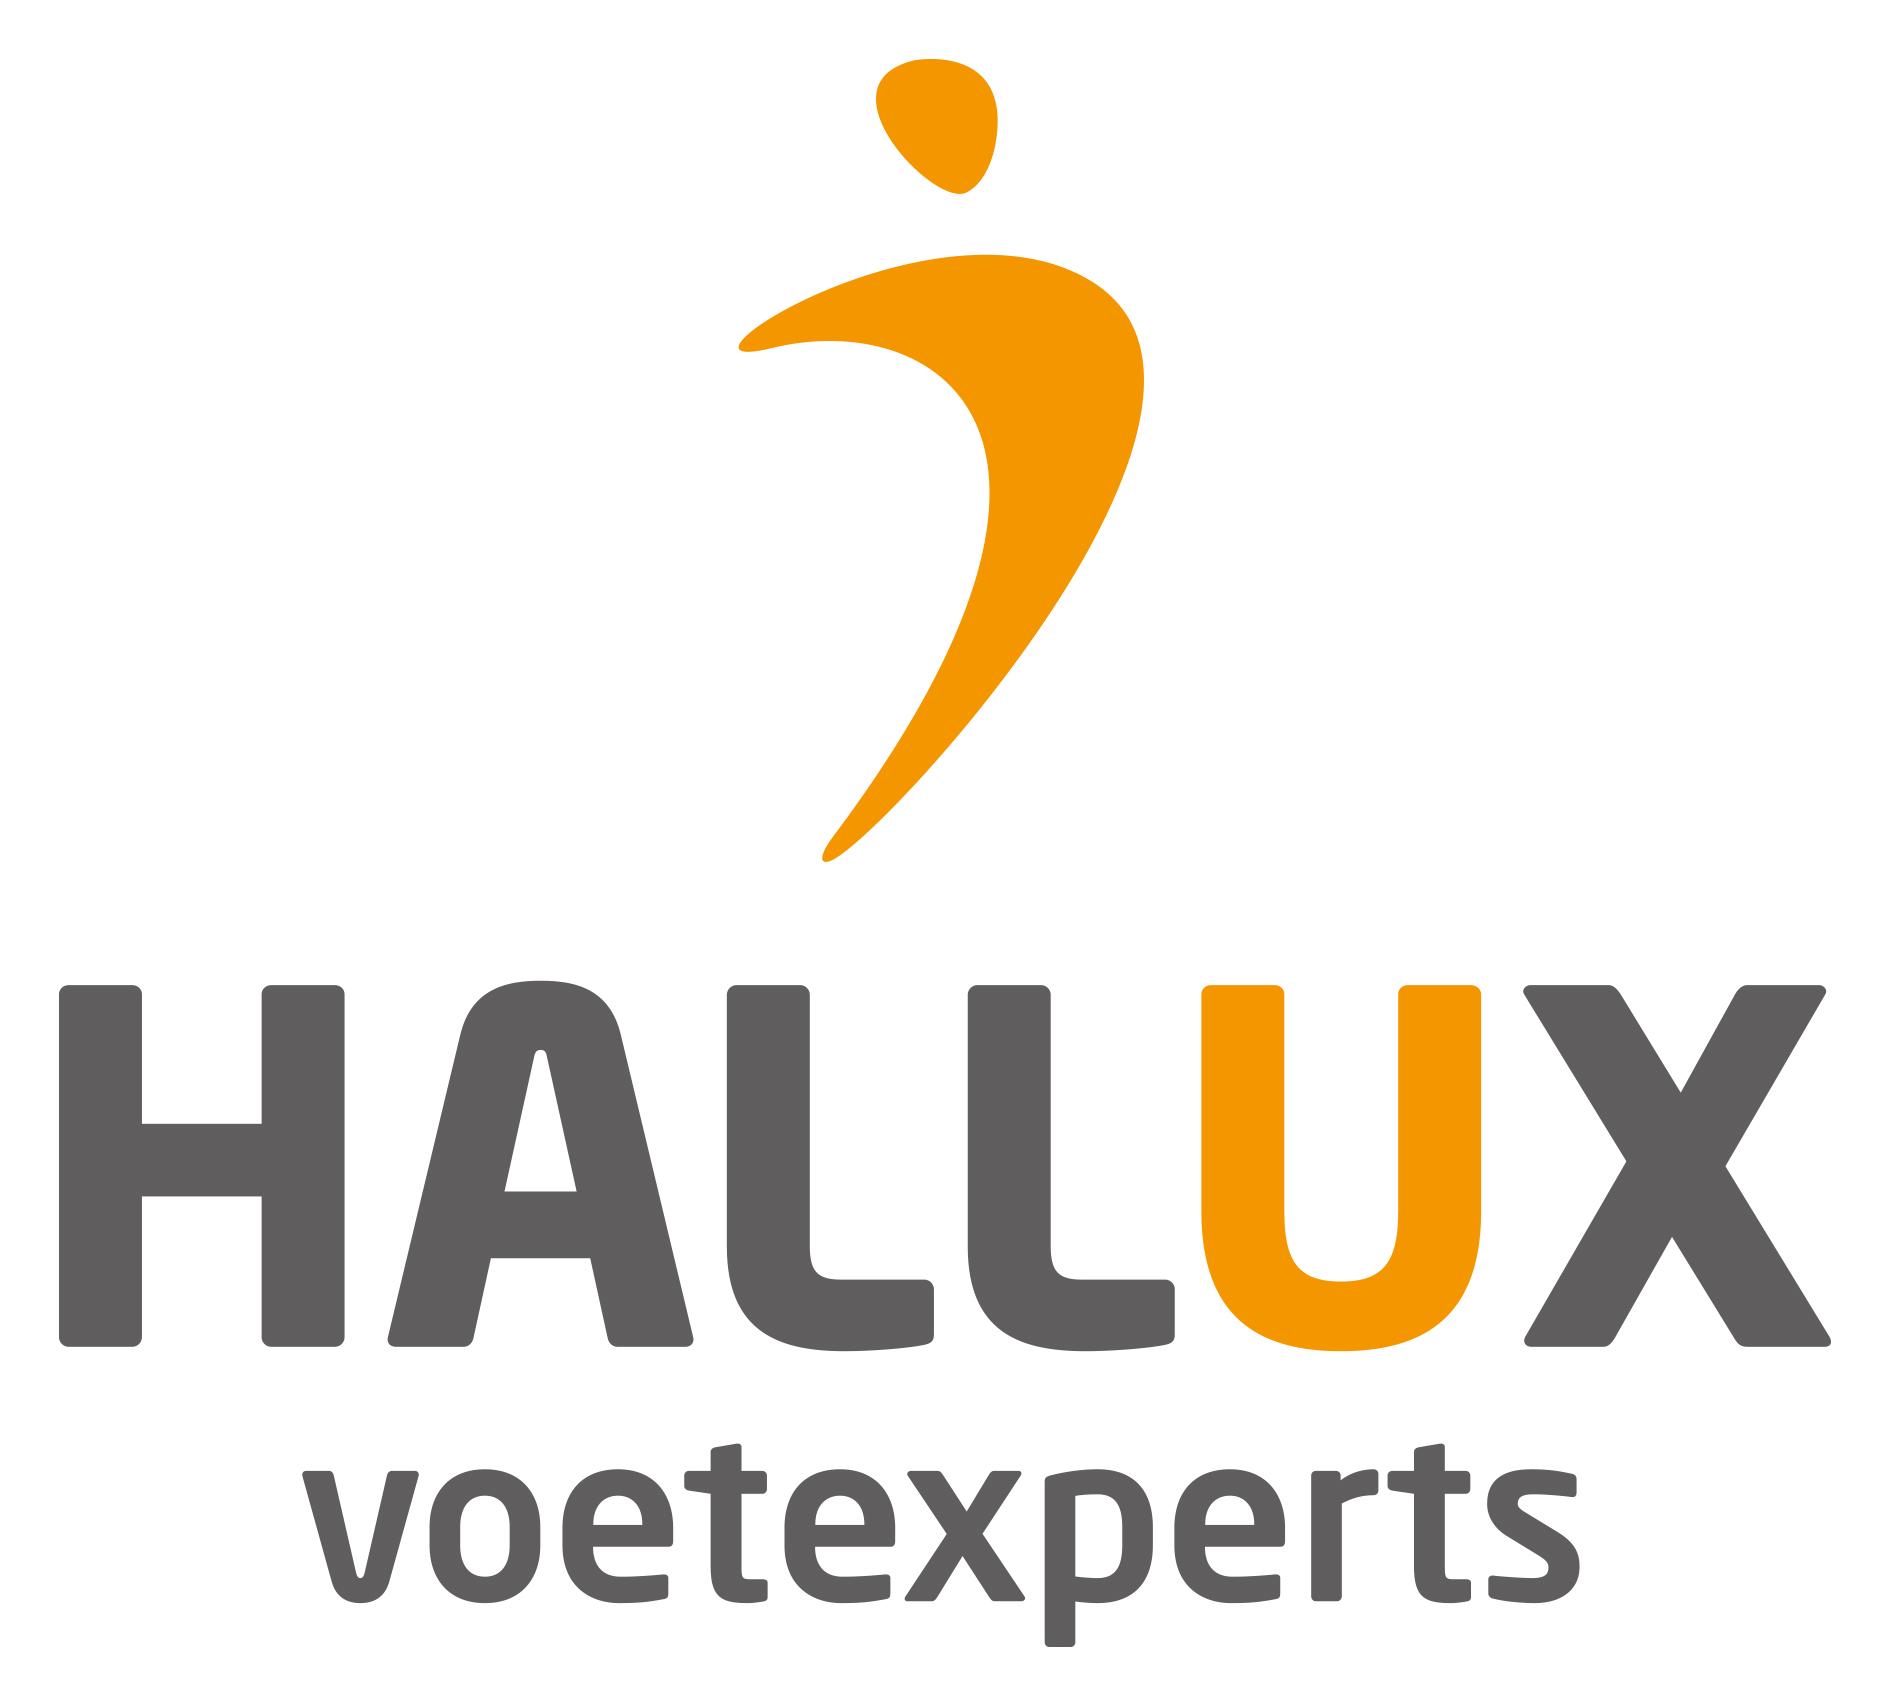 Hallux_Voetexperts